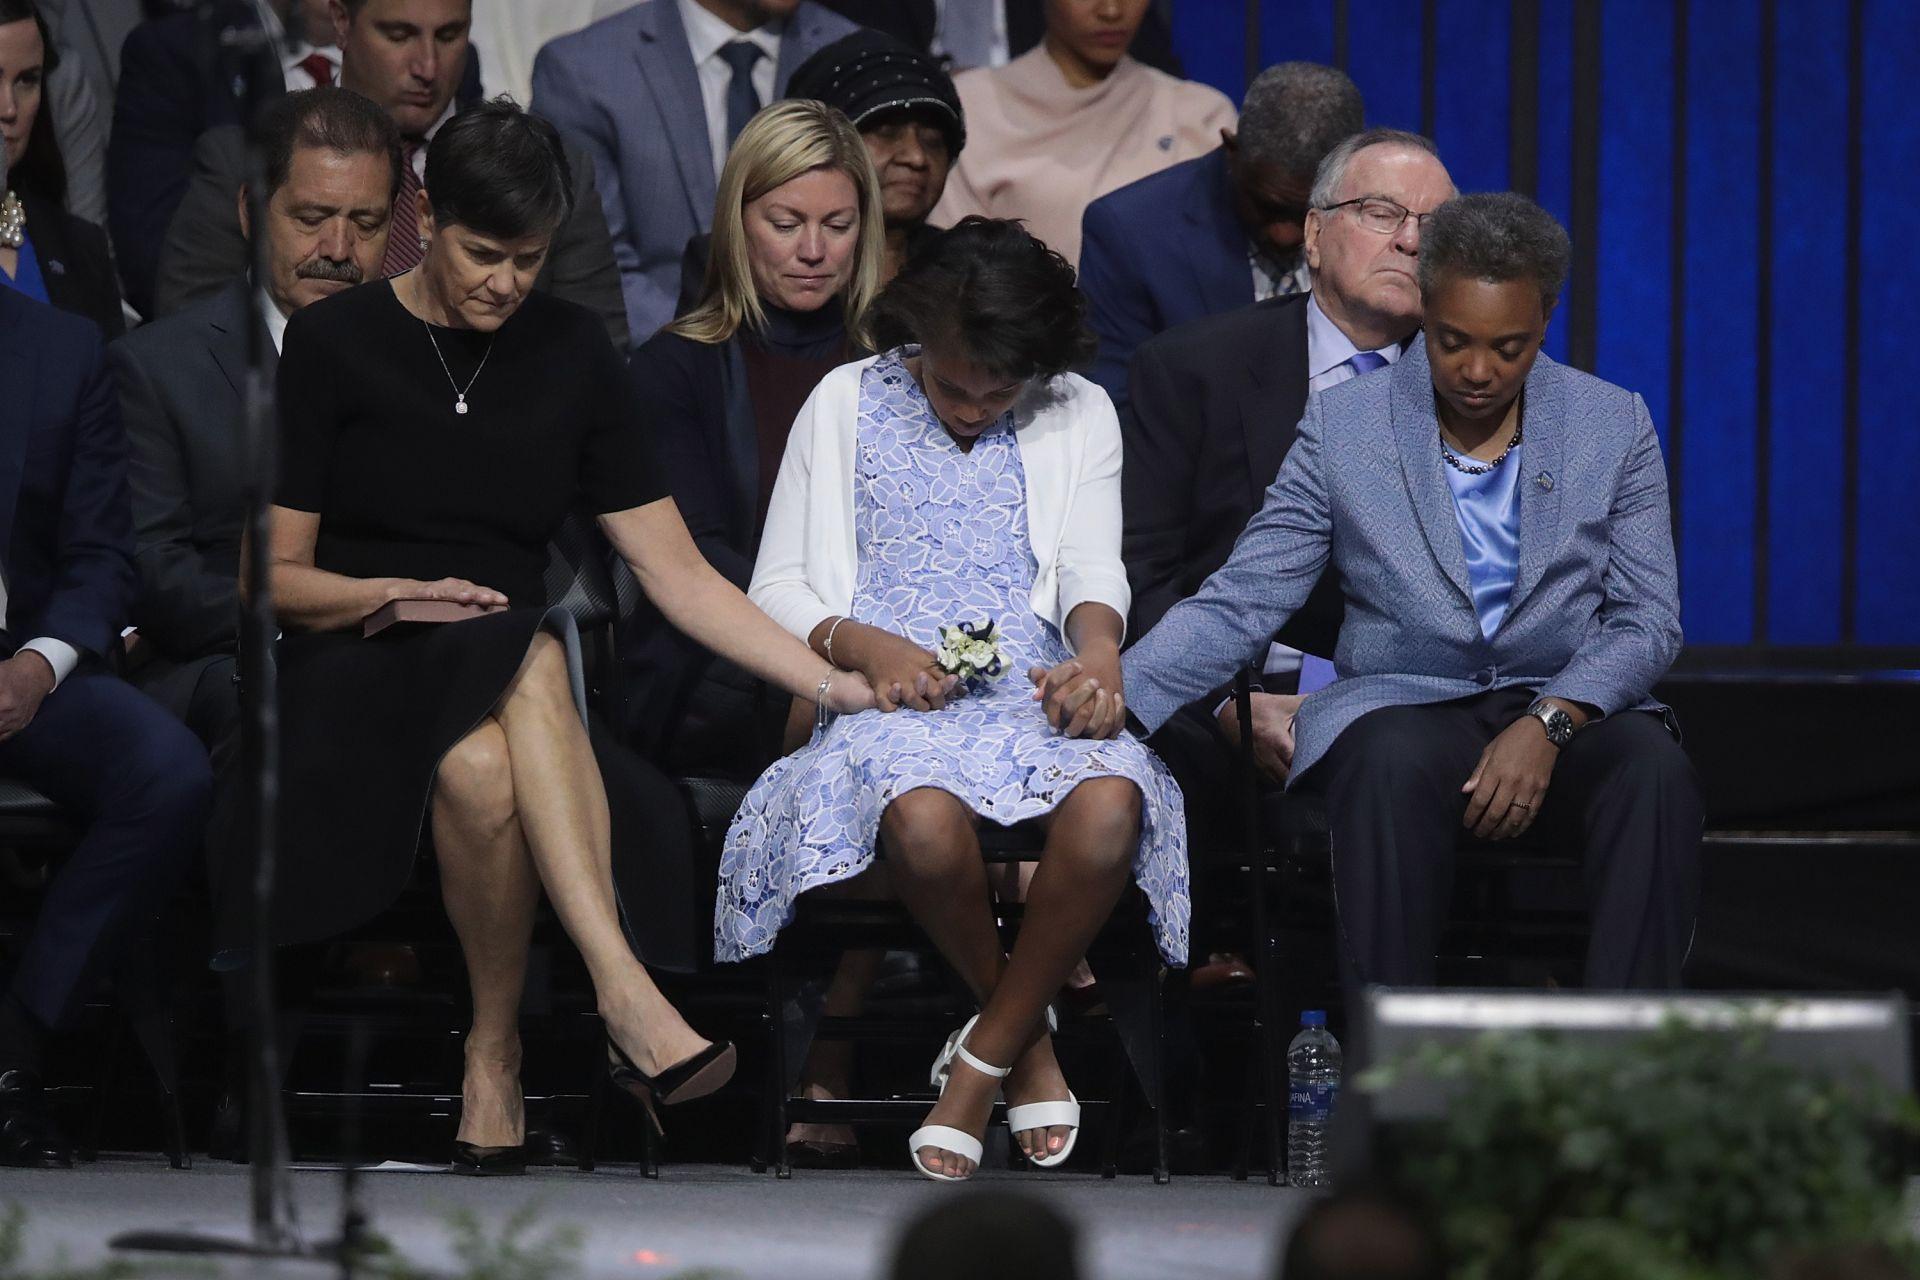 Лори Лайтфут, съпругата ѝ Ейми Ешлеман и дъщеря им Вивиан слушат молитва по време на церемонията по встъпването си в длъжност